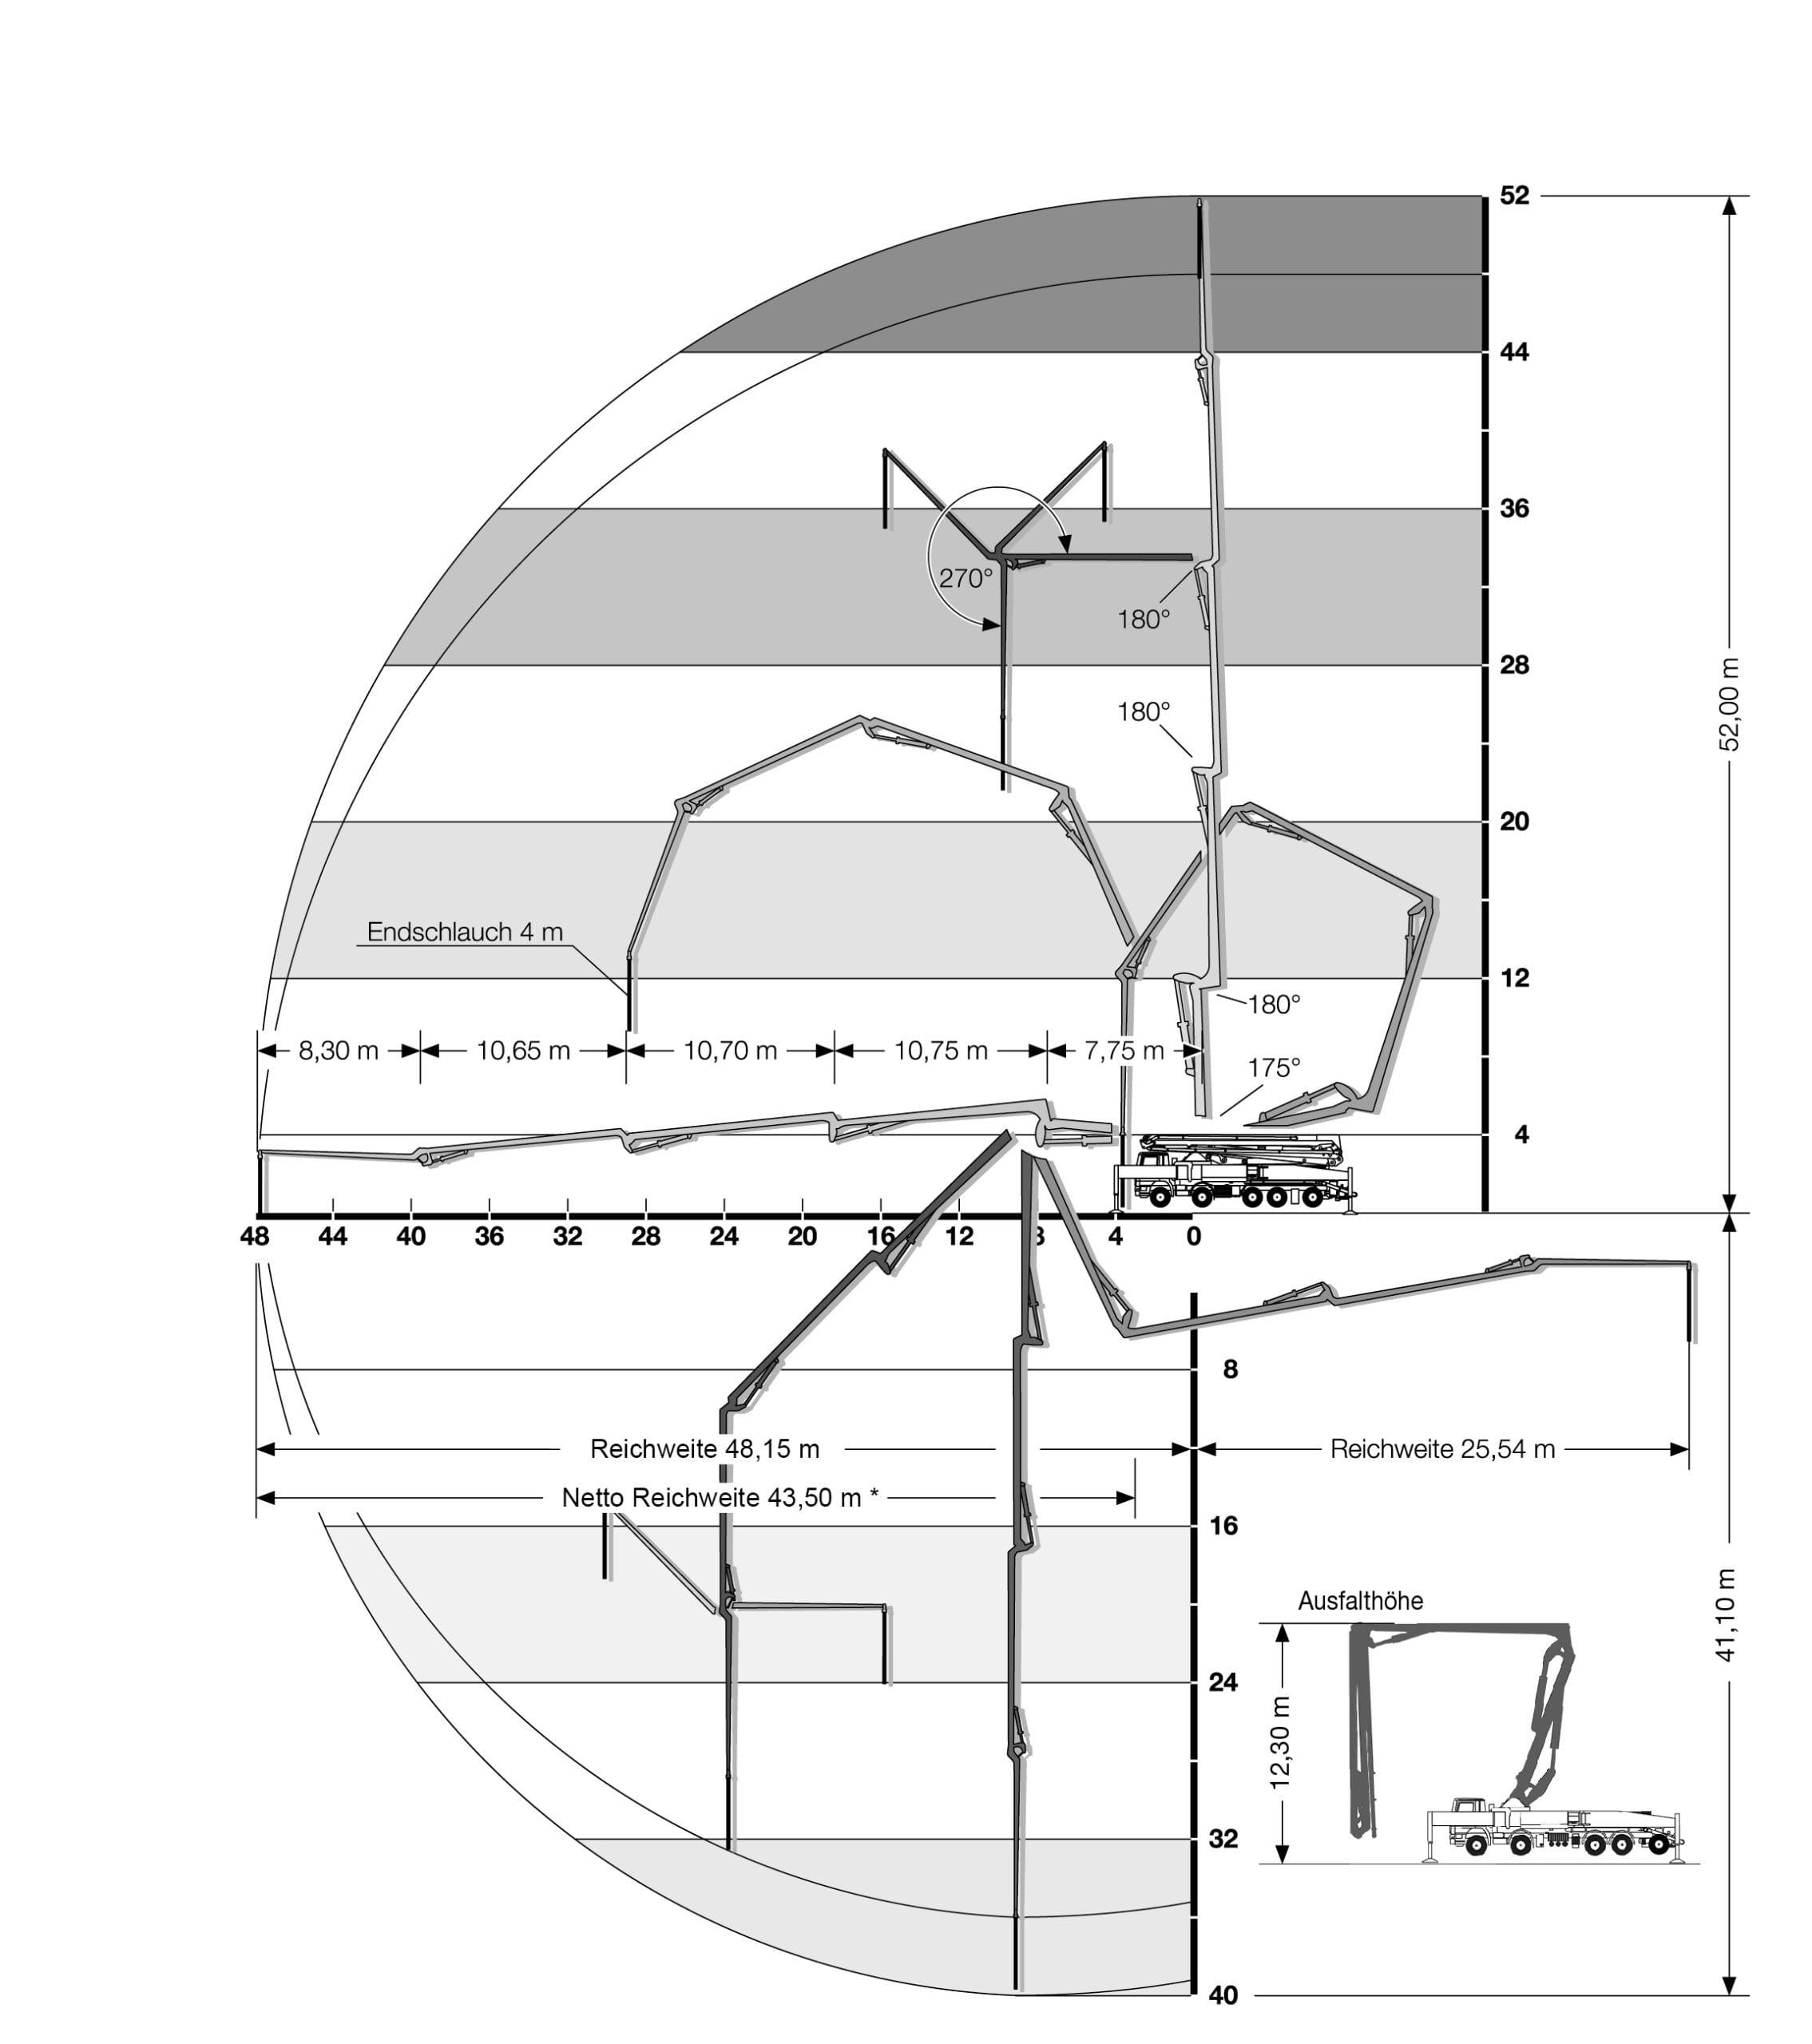 betonpomp giekbereik 52 meter